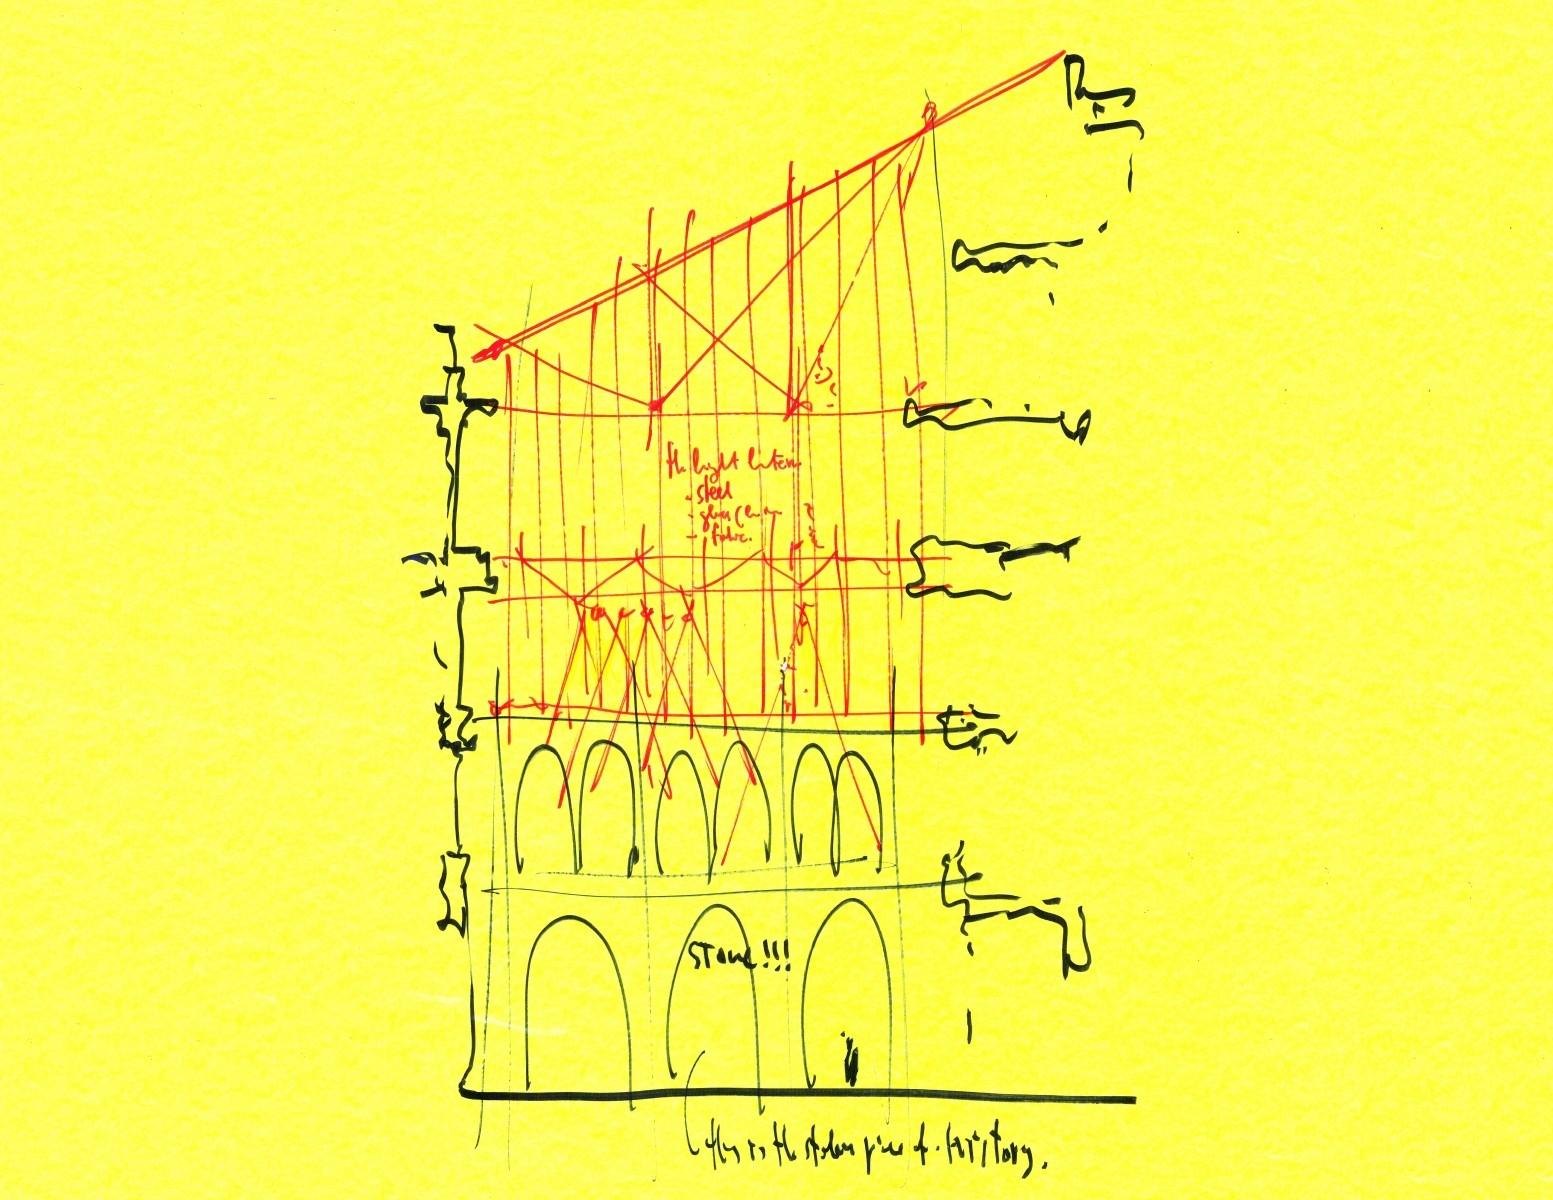 Croquis de Renzo Piano del esquema para Harvard Art Museums mostrando la expansión de vidrio directamente encima del patio Montepulciano. Imagen © Paul Clemence